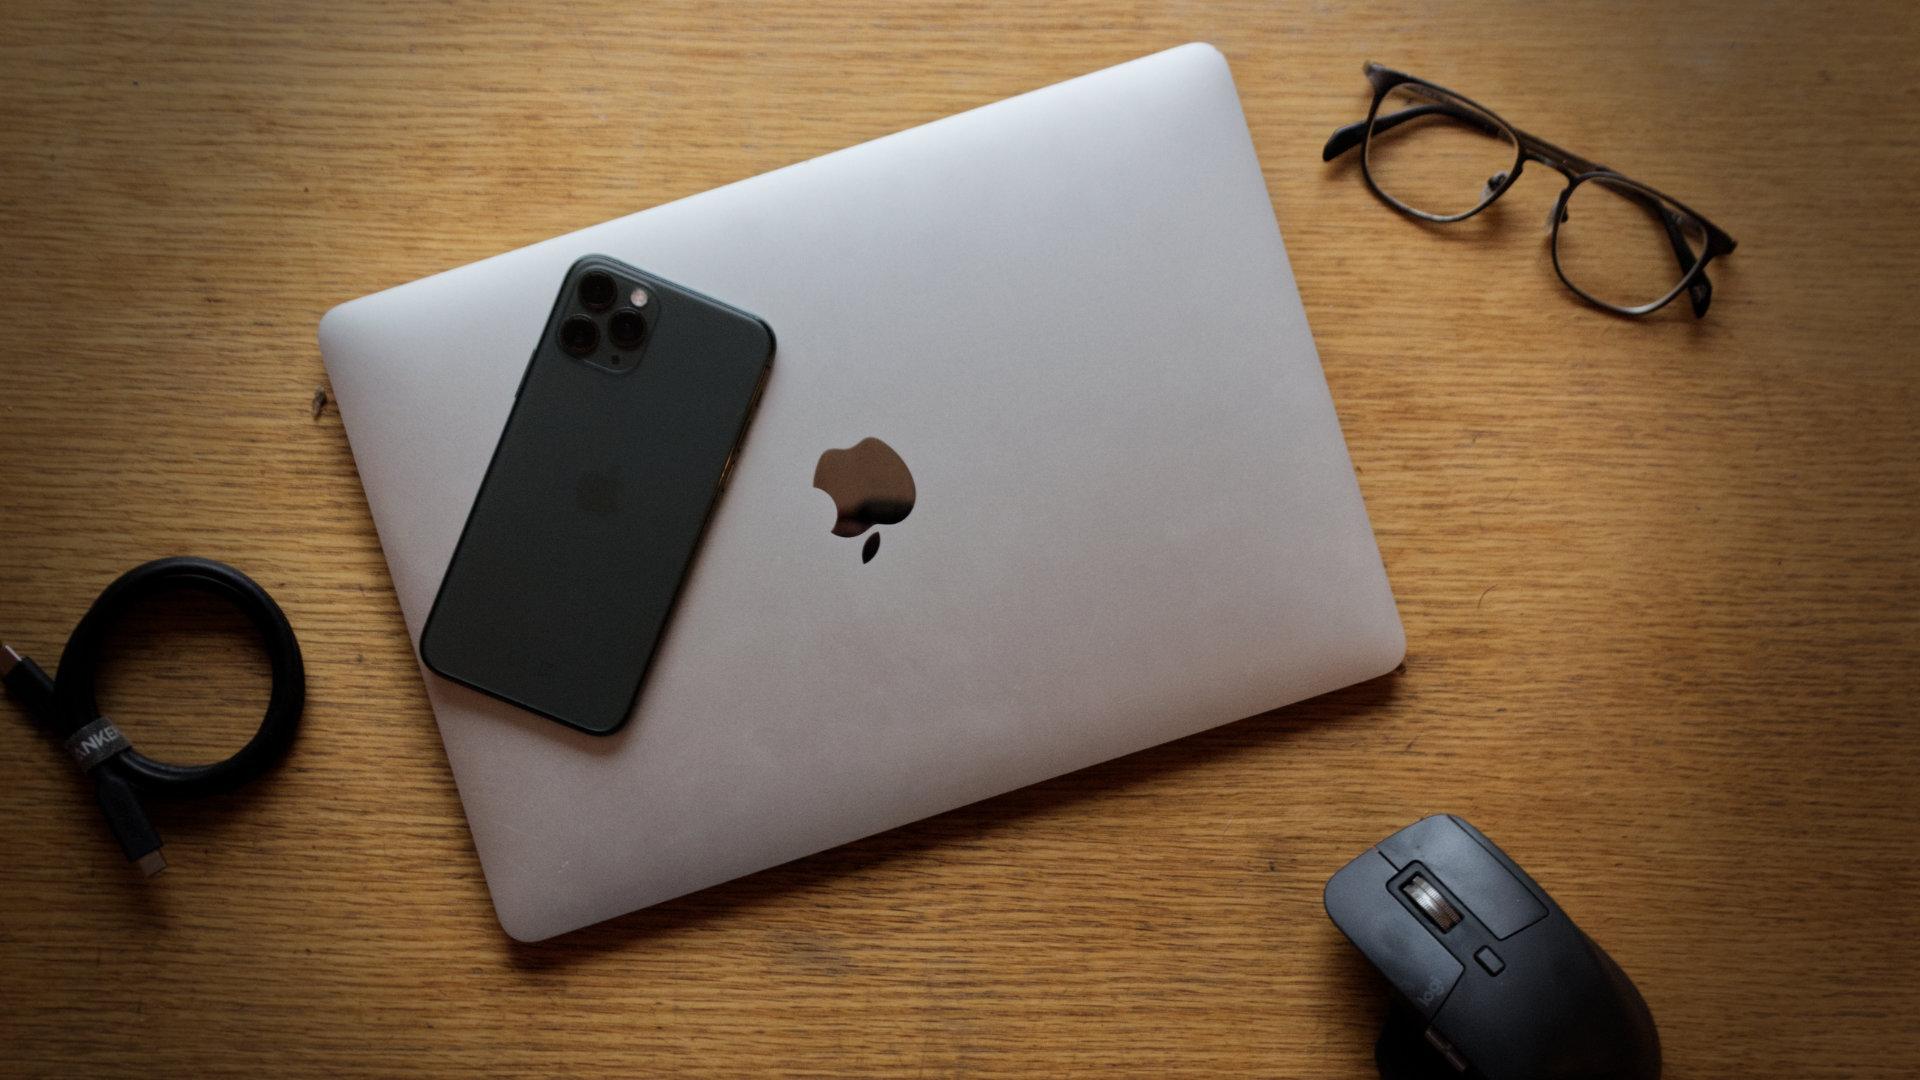 Mettez rapidement à jour vos appareils Apple, une faille critique a été découverte